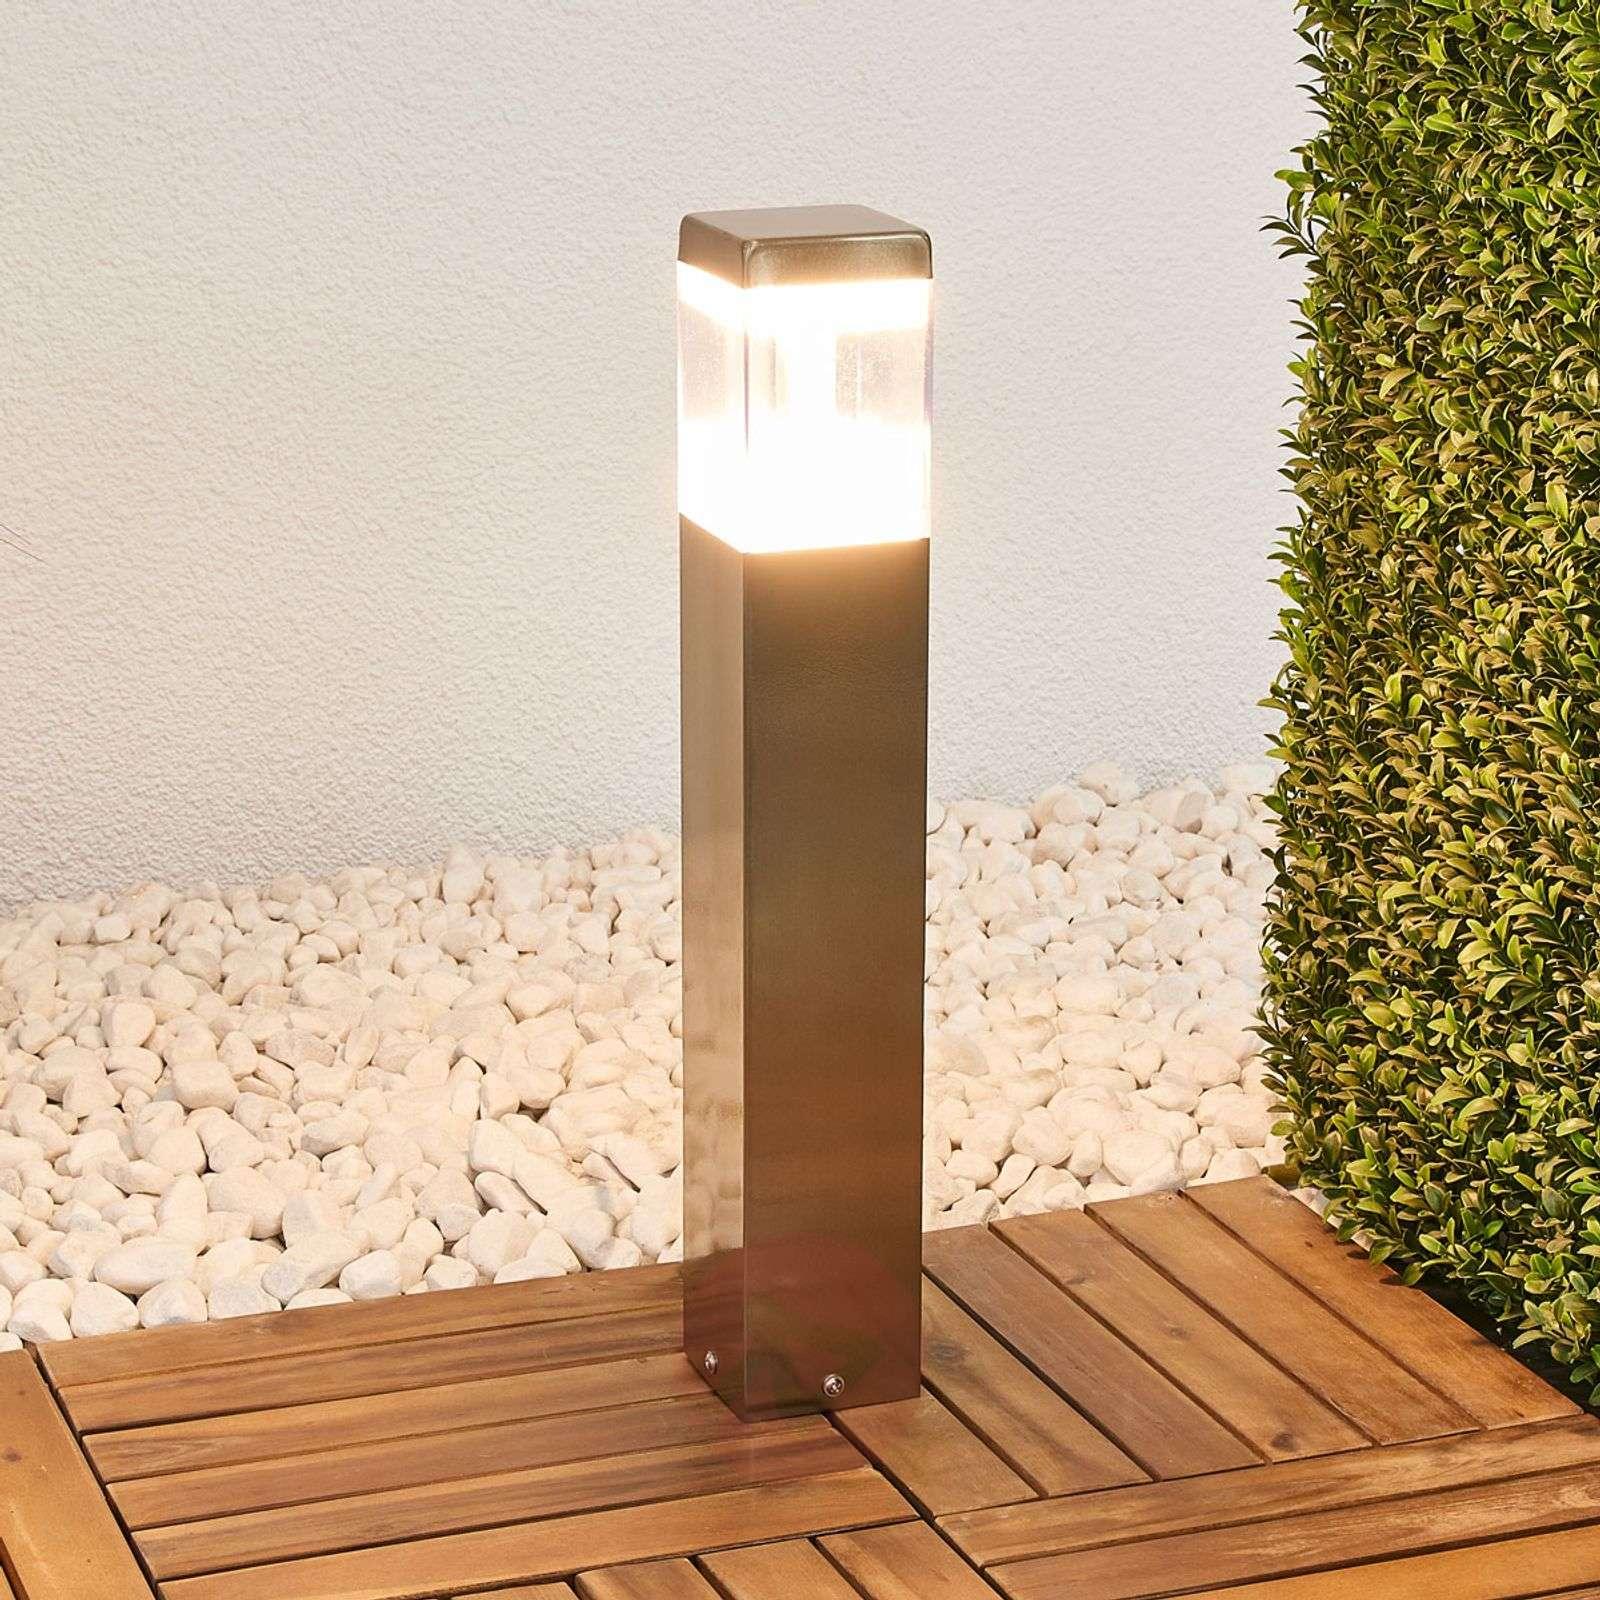 Baily-pollarilamppu LEDeillä, ruostumaton teräs-9988145-01